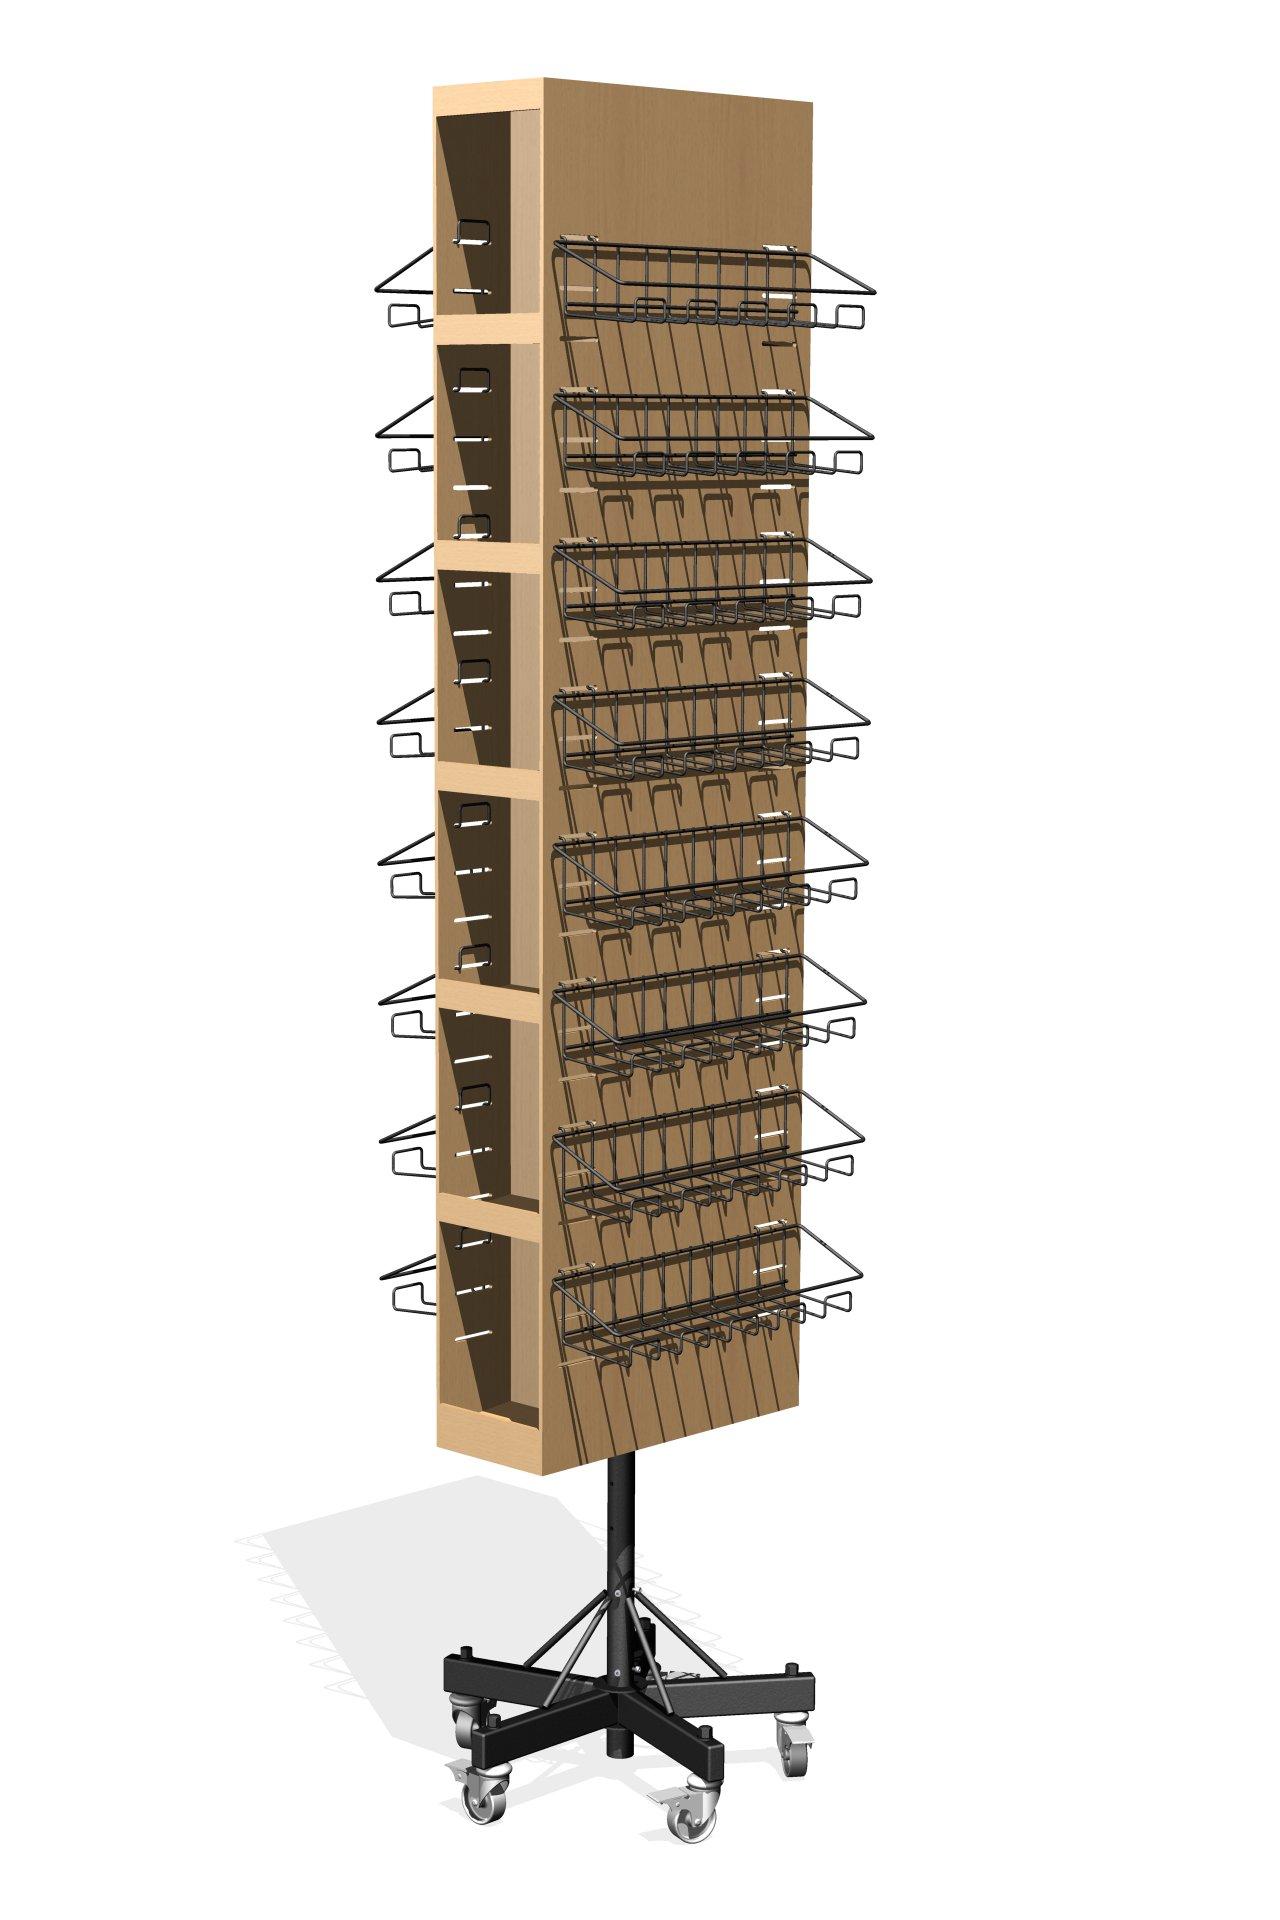 ik 810 04 60 buyck displays. Black Bedroom Furniture Sets. Home Design Ideas